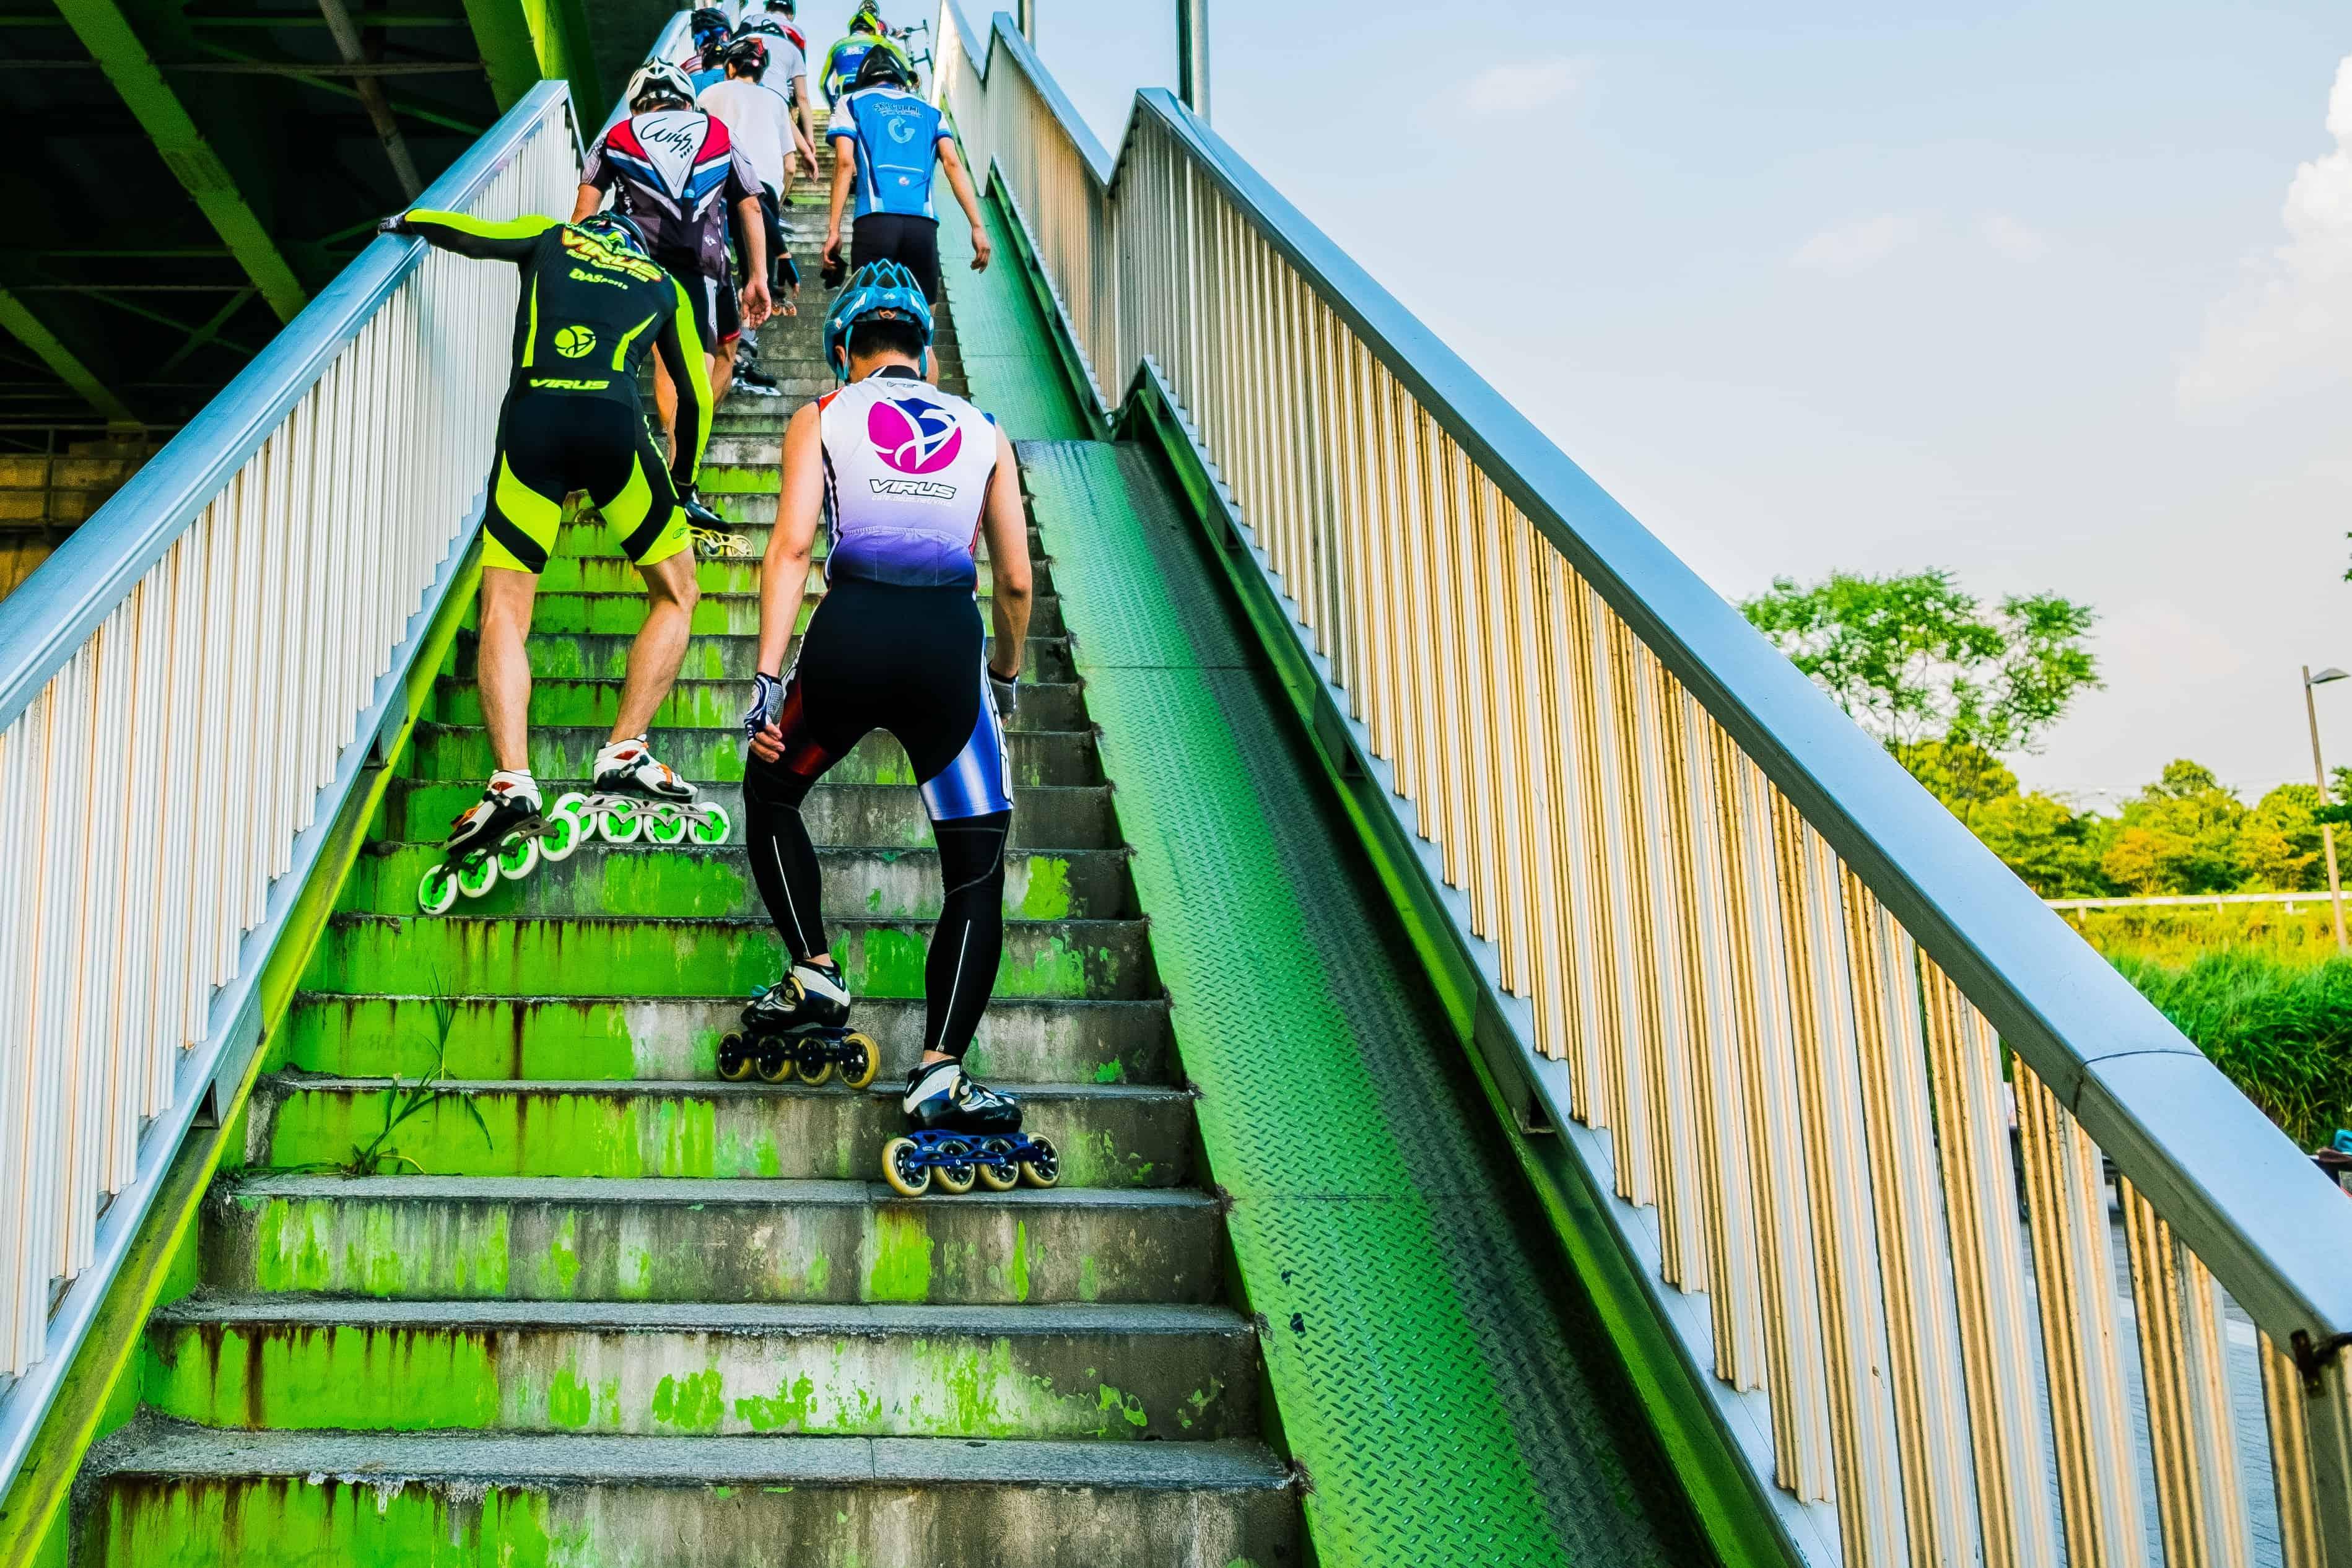 Imagem de pessoas subindo escadas de patins.